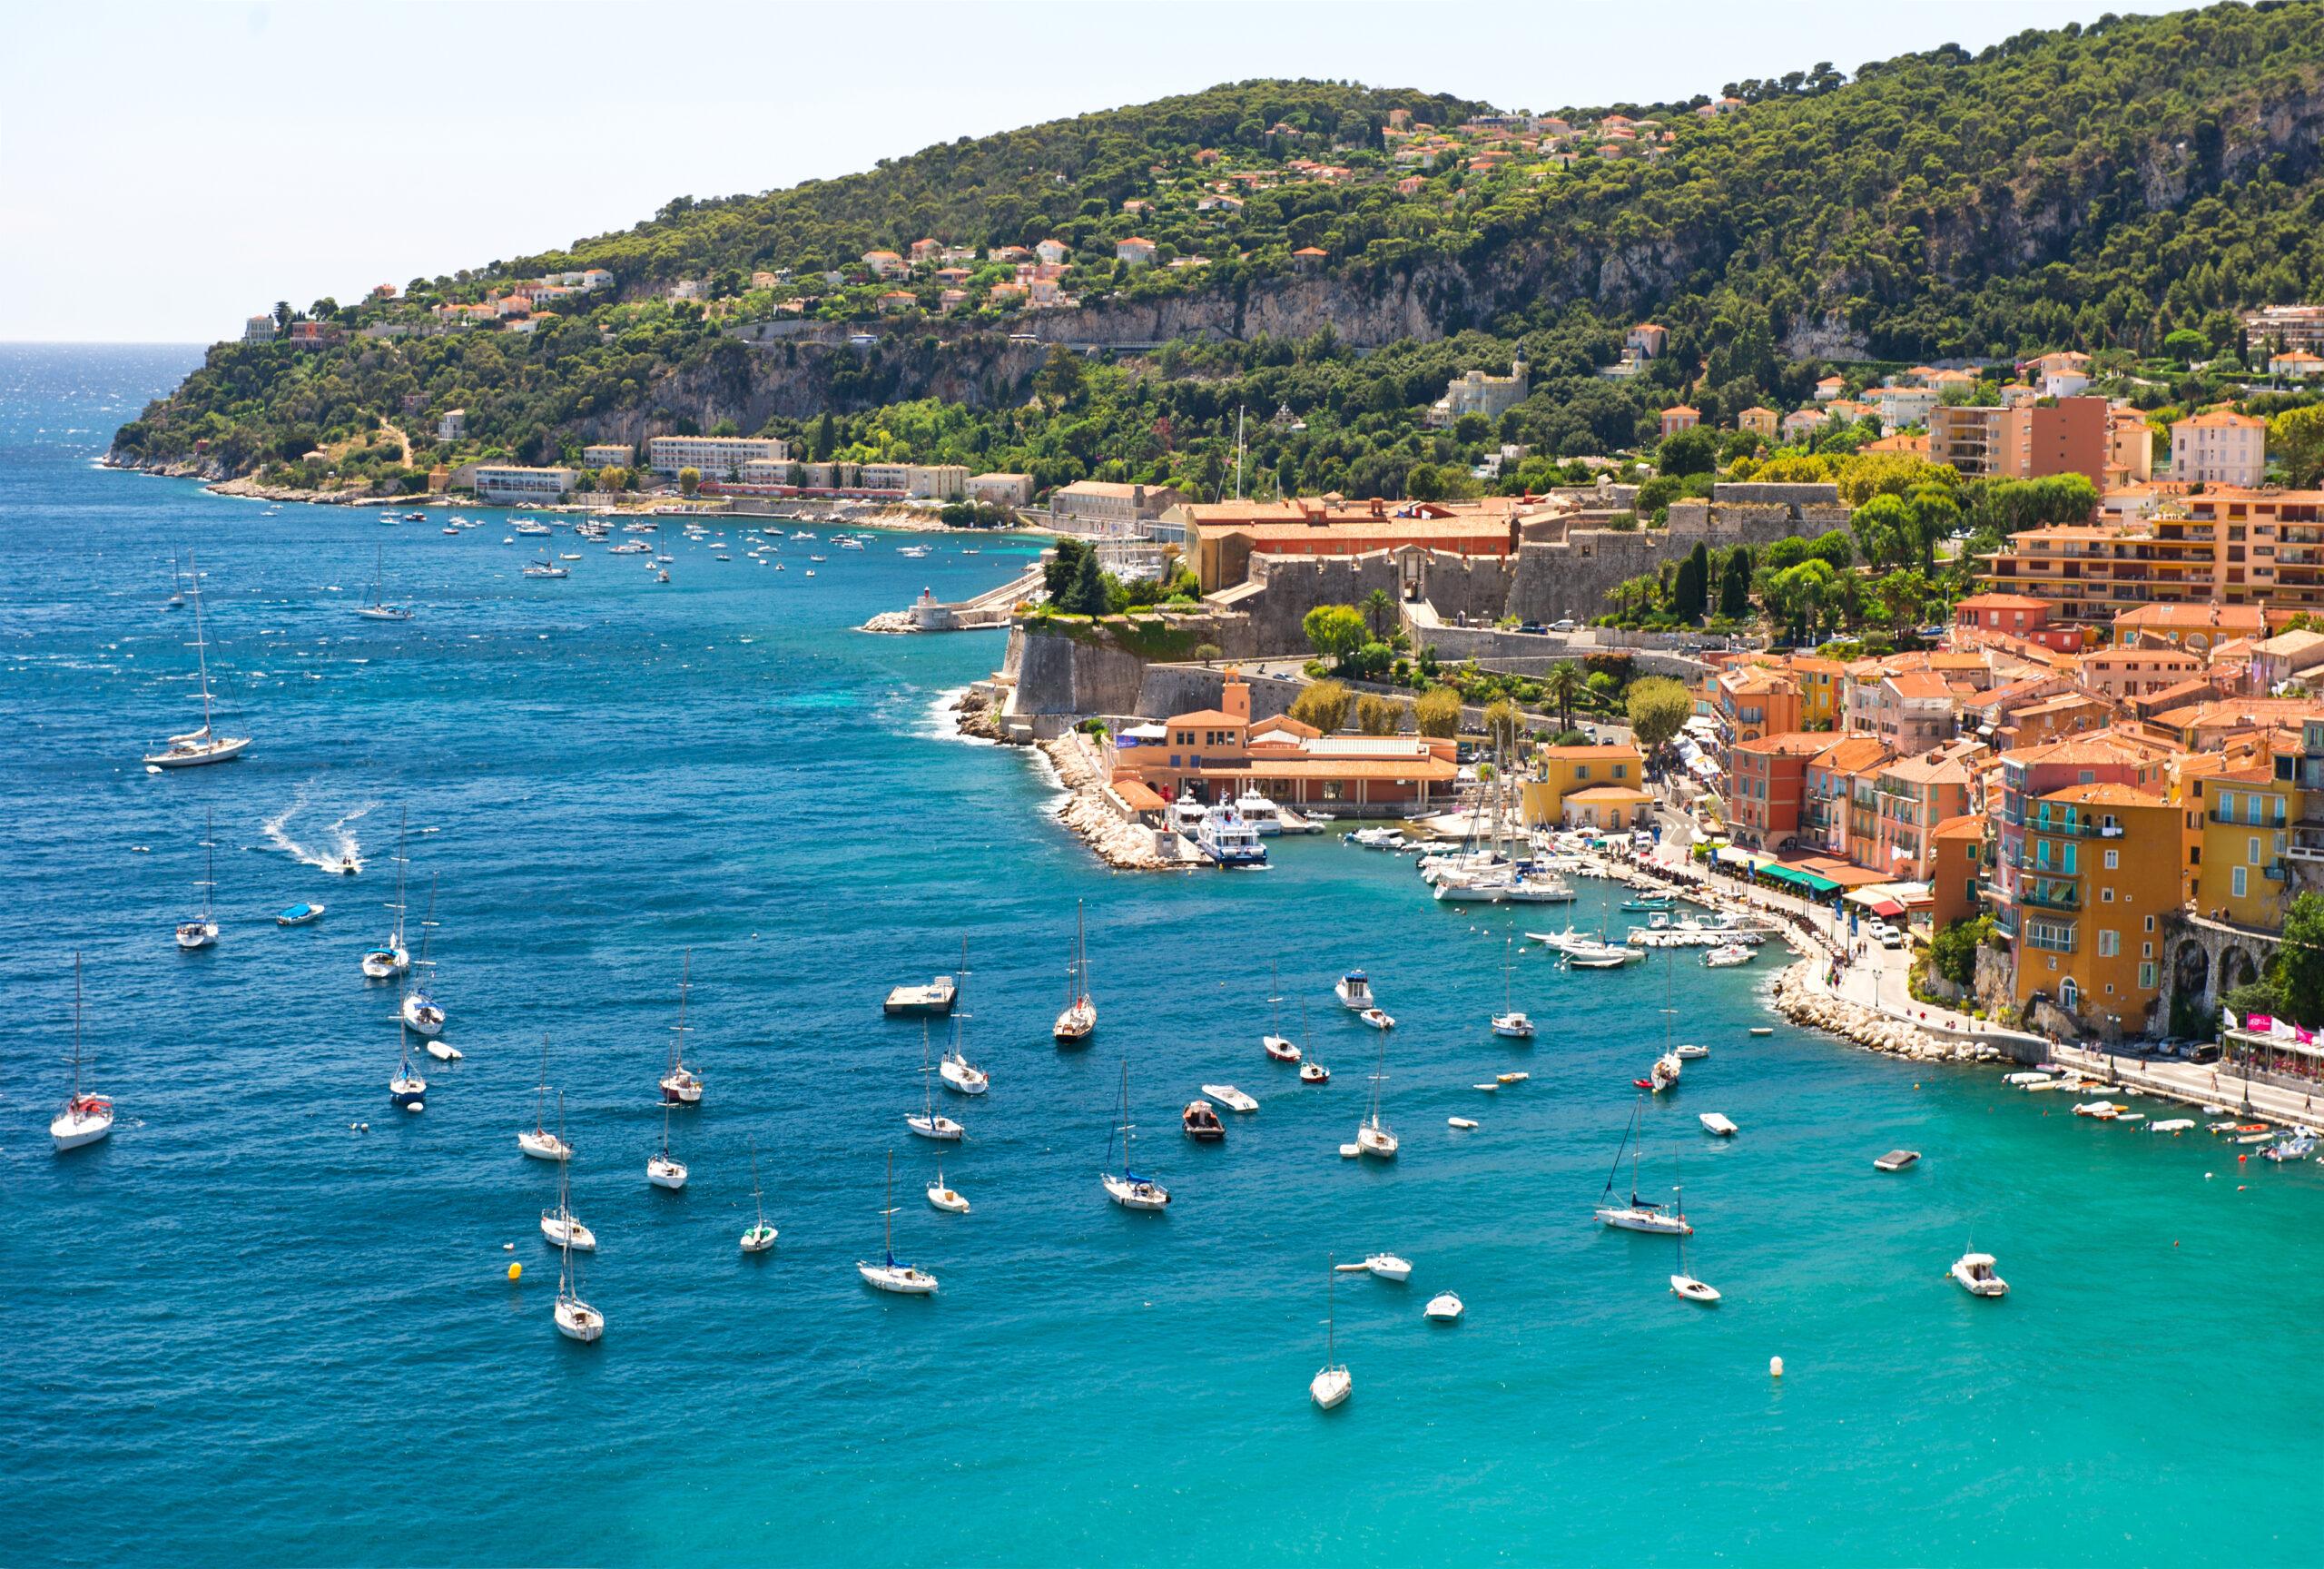 acheter-vendre-appartement-villa-villefranche-sur-mer-contacter-agent-immobilier-sud-de-la-france